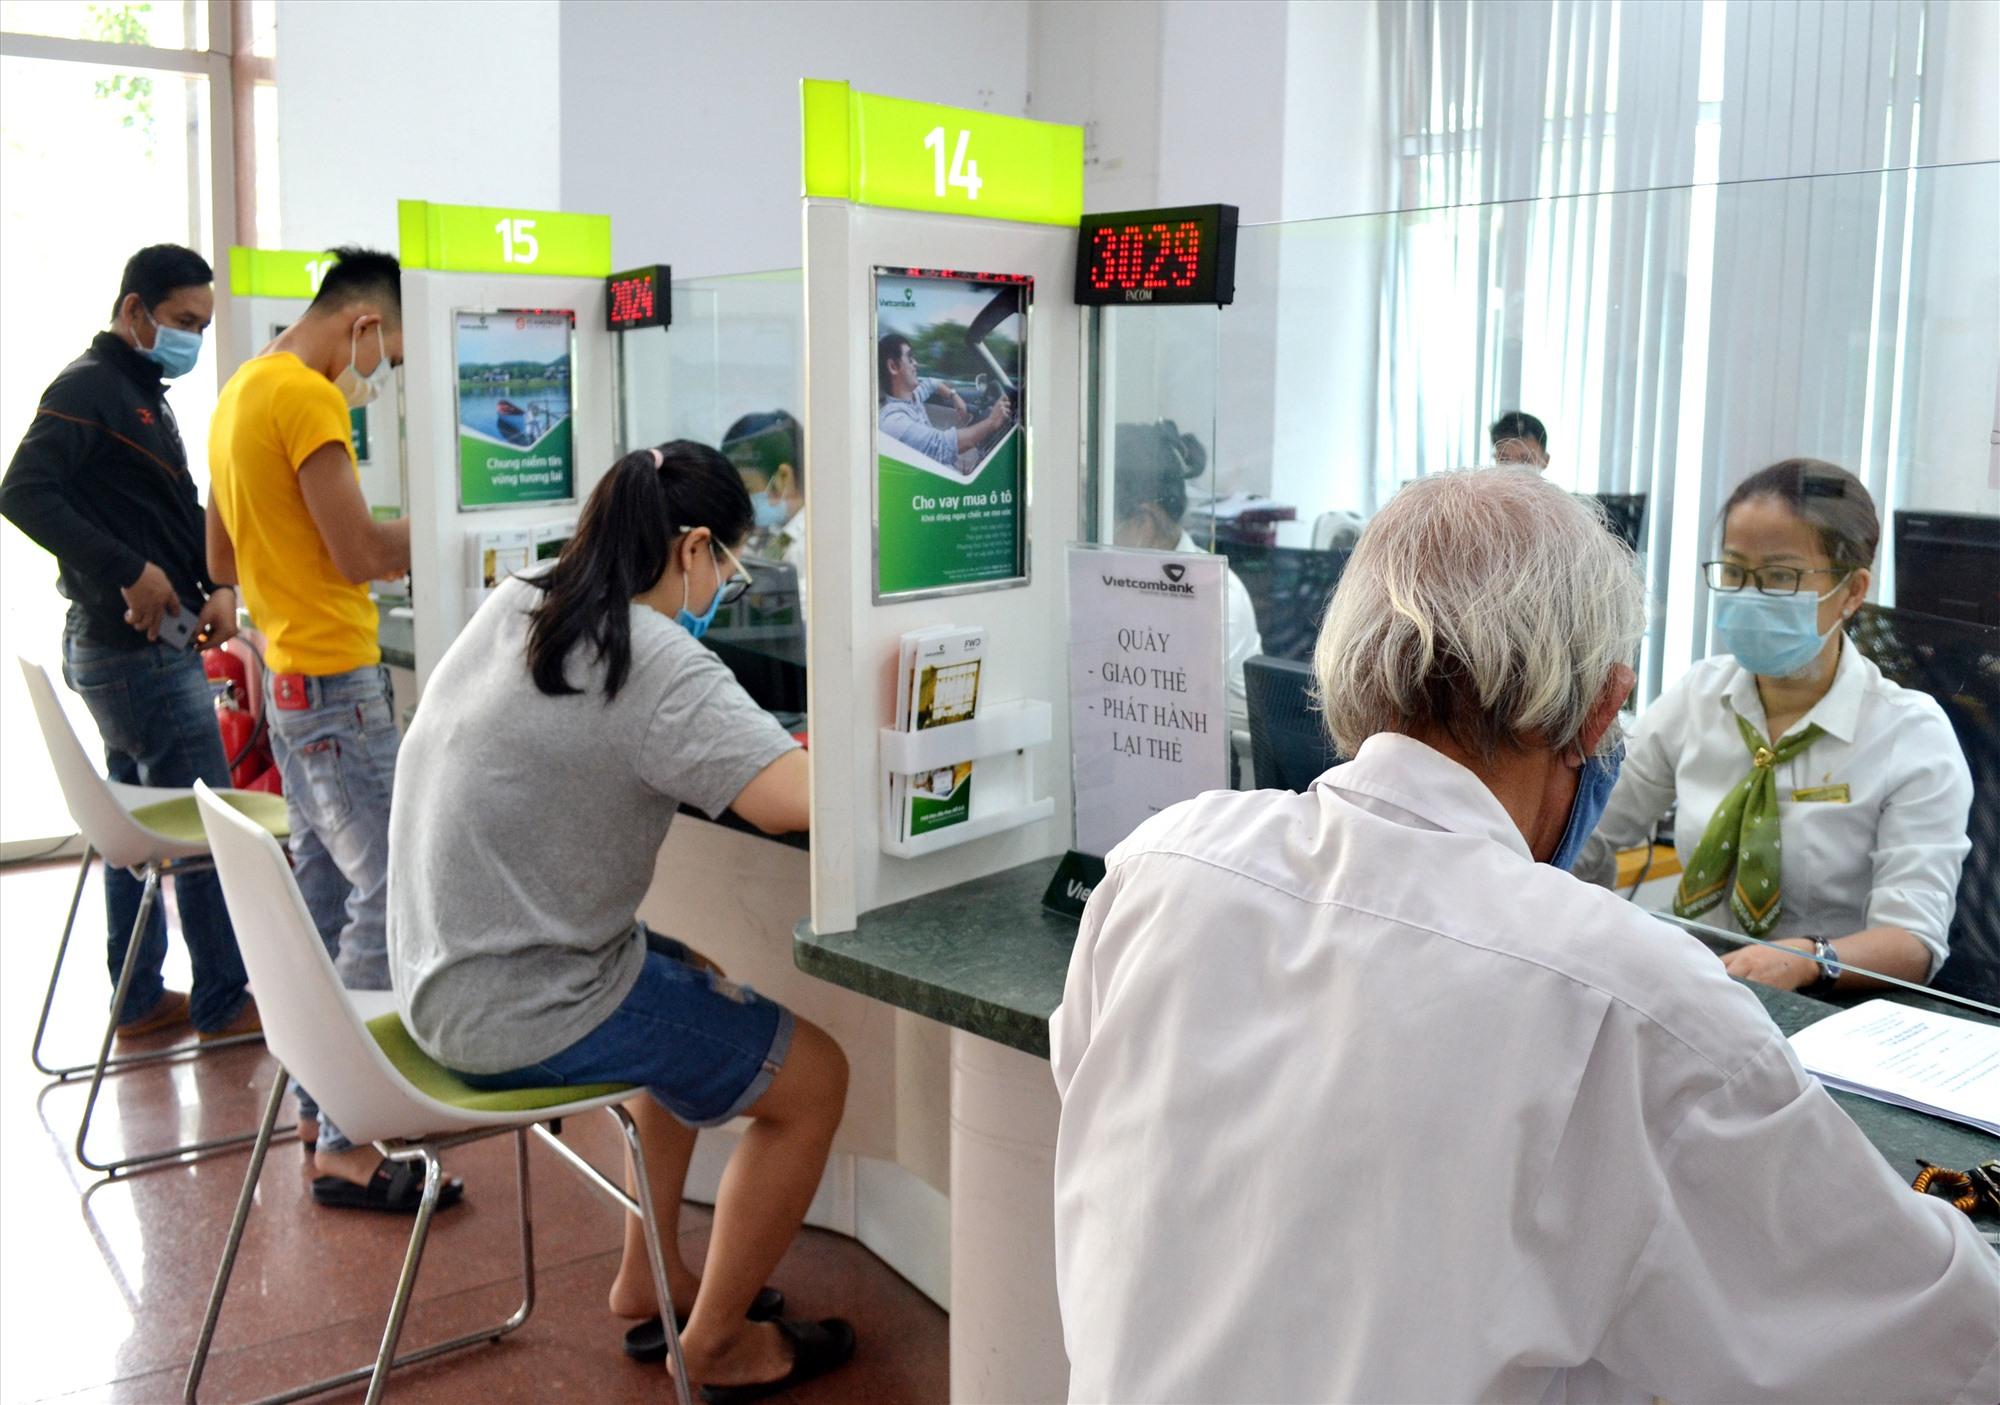 Ngân hàng thương mại khuyến khích khách hàng giao dịch thanh toán dịch vụ công qua thẻ. Ảnh: VIỆT NGUYỄN